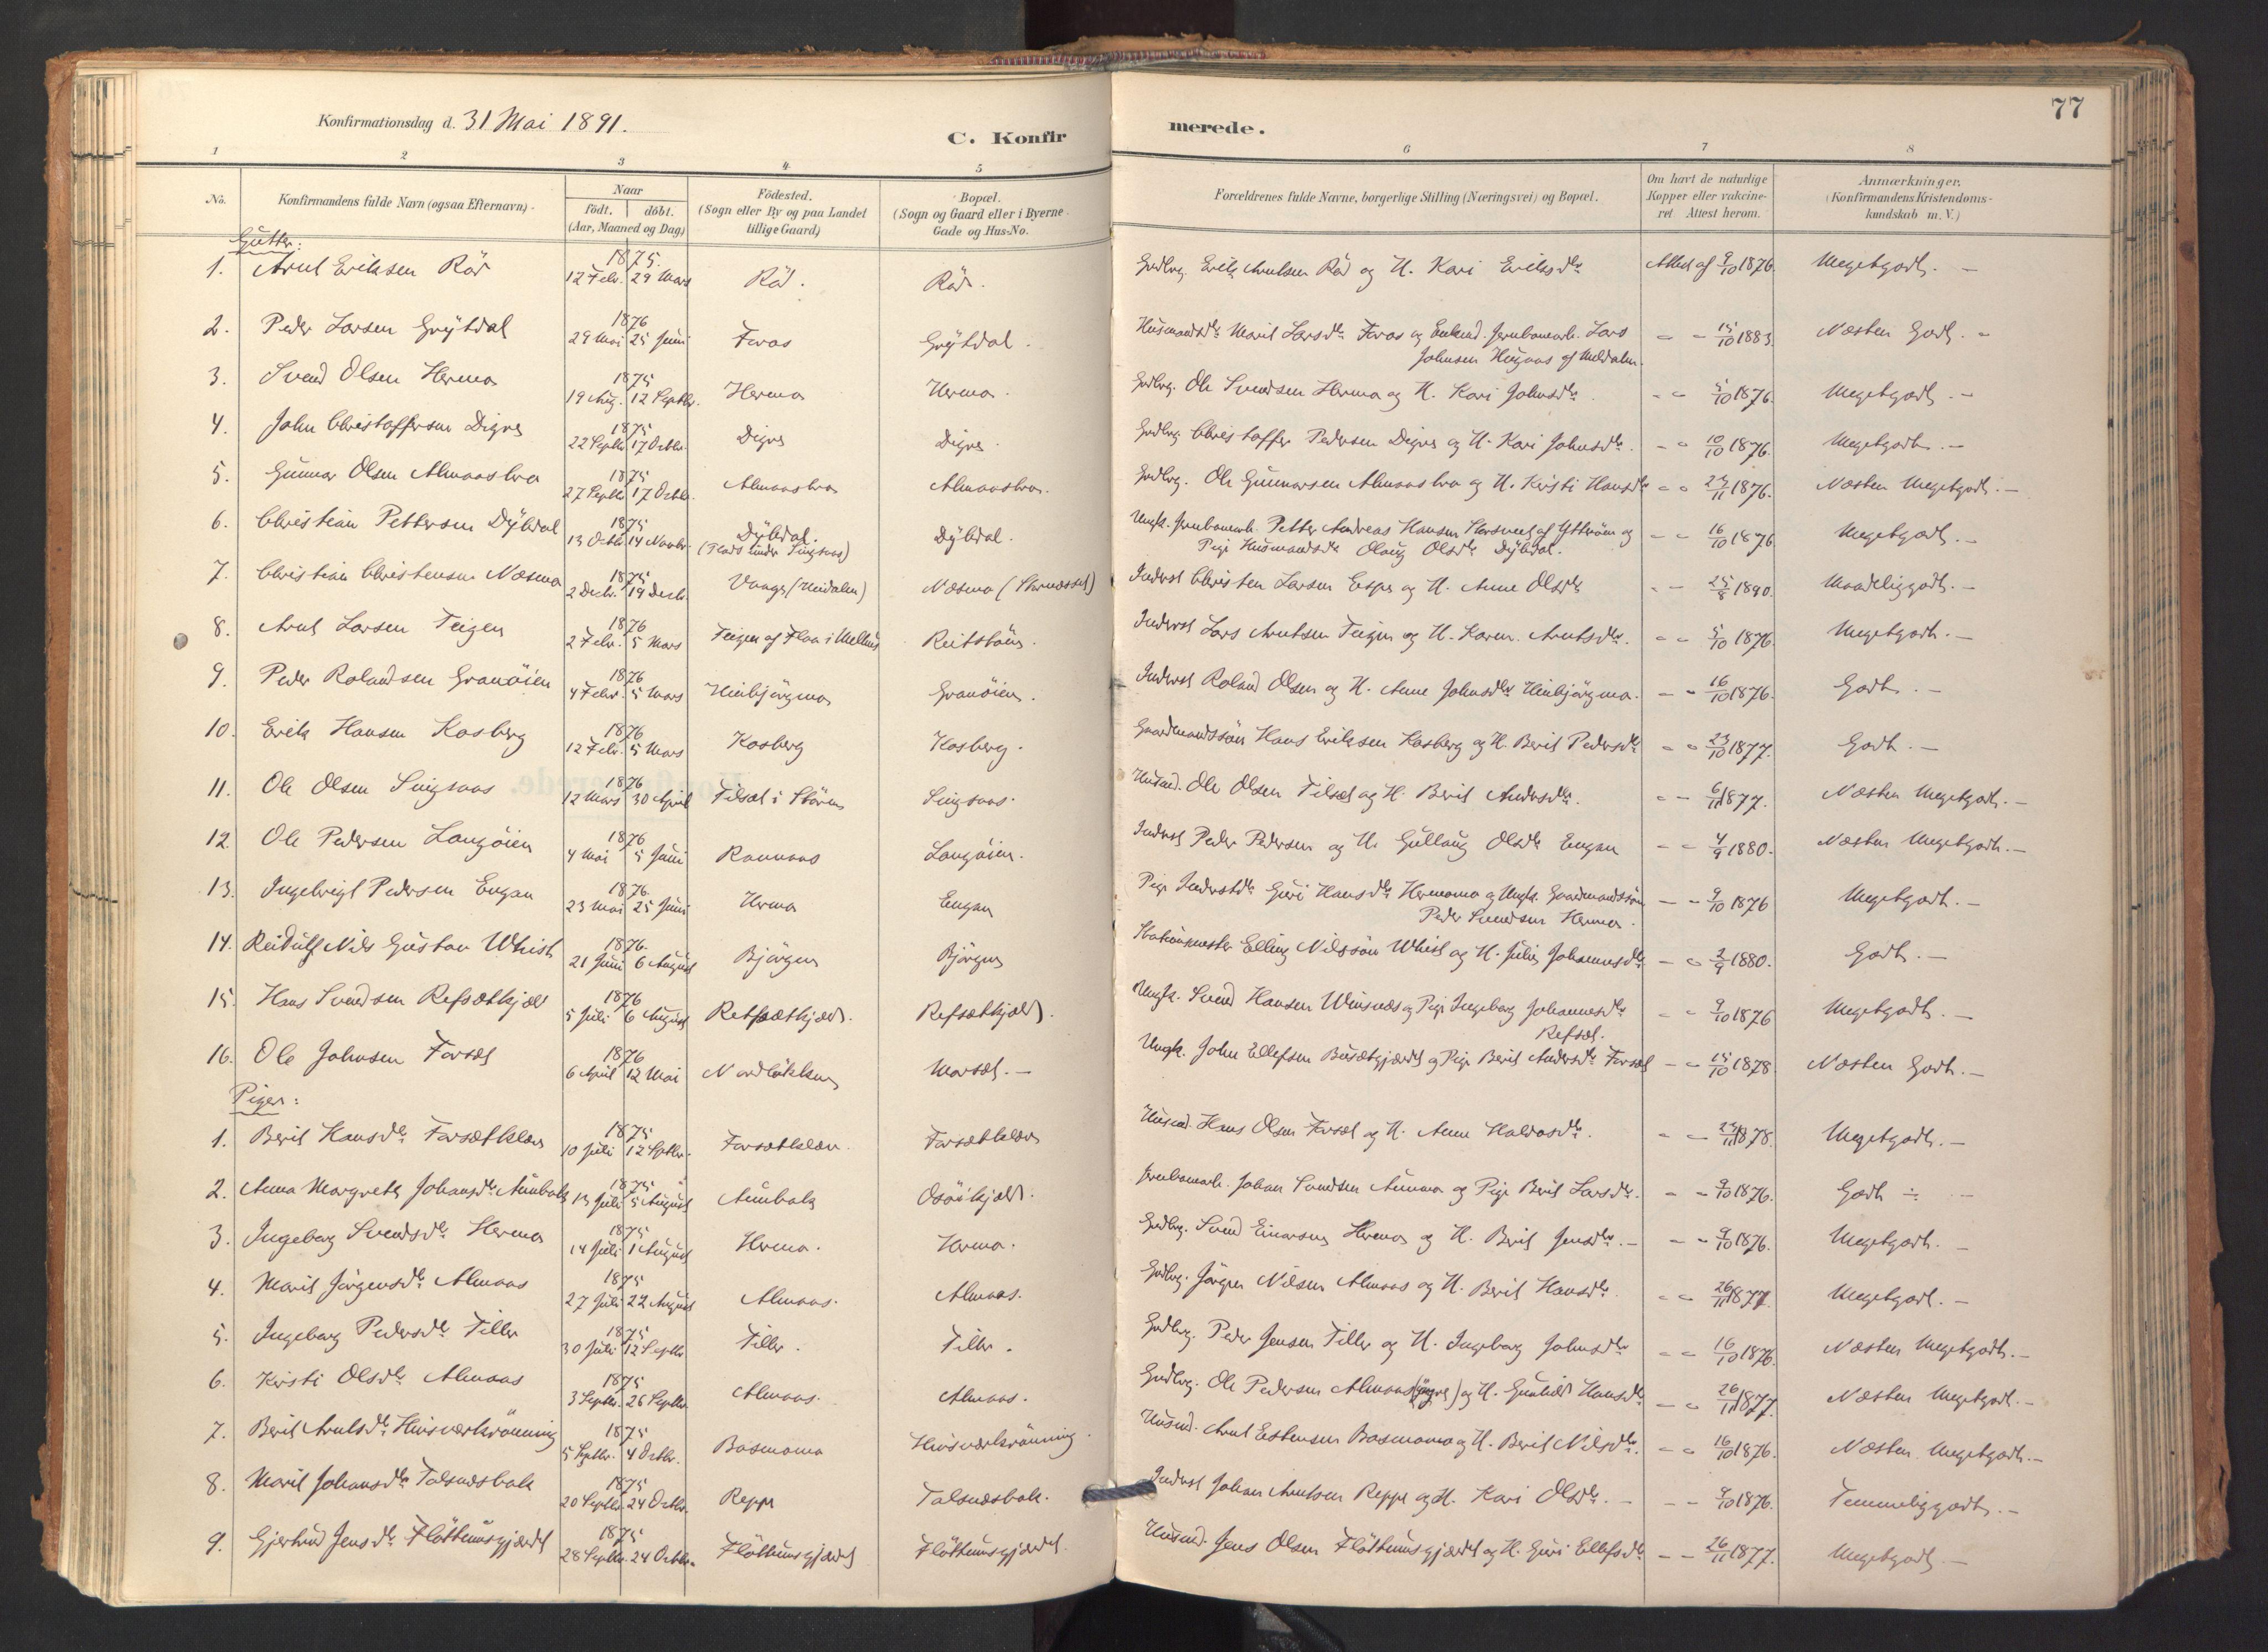 SAT, Ministerialprotokoller, klokkerbøker og fødselsregistre - Sør-Trøndelag, 688/L1025: Ministerialbok nr. 688A02, 1891-1909, s. 77